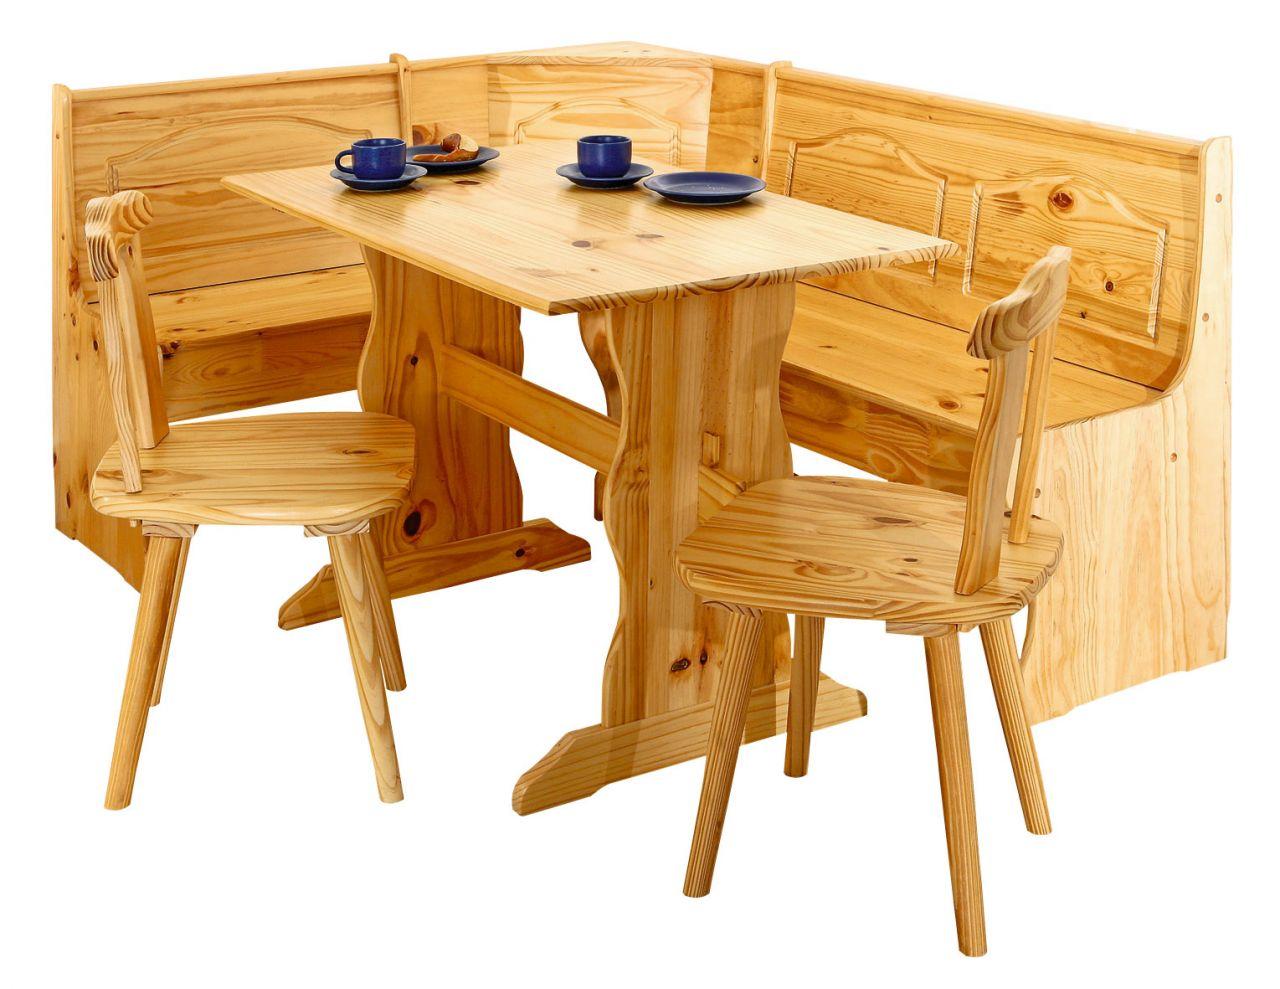 eckbankgruppe 4 tlg sitzgruppe landhausstil eckbank st hle tisch massivholz 2 farben l doplau. Black Bedroom Furniture Sets. Home Design Ideas